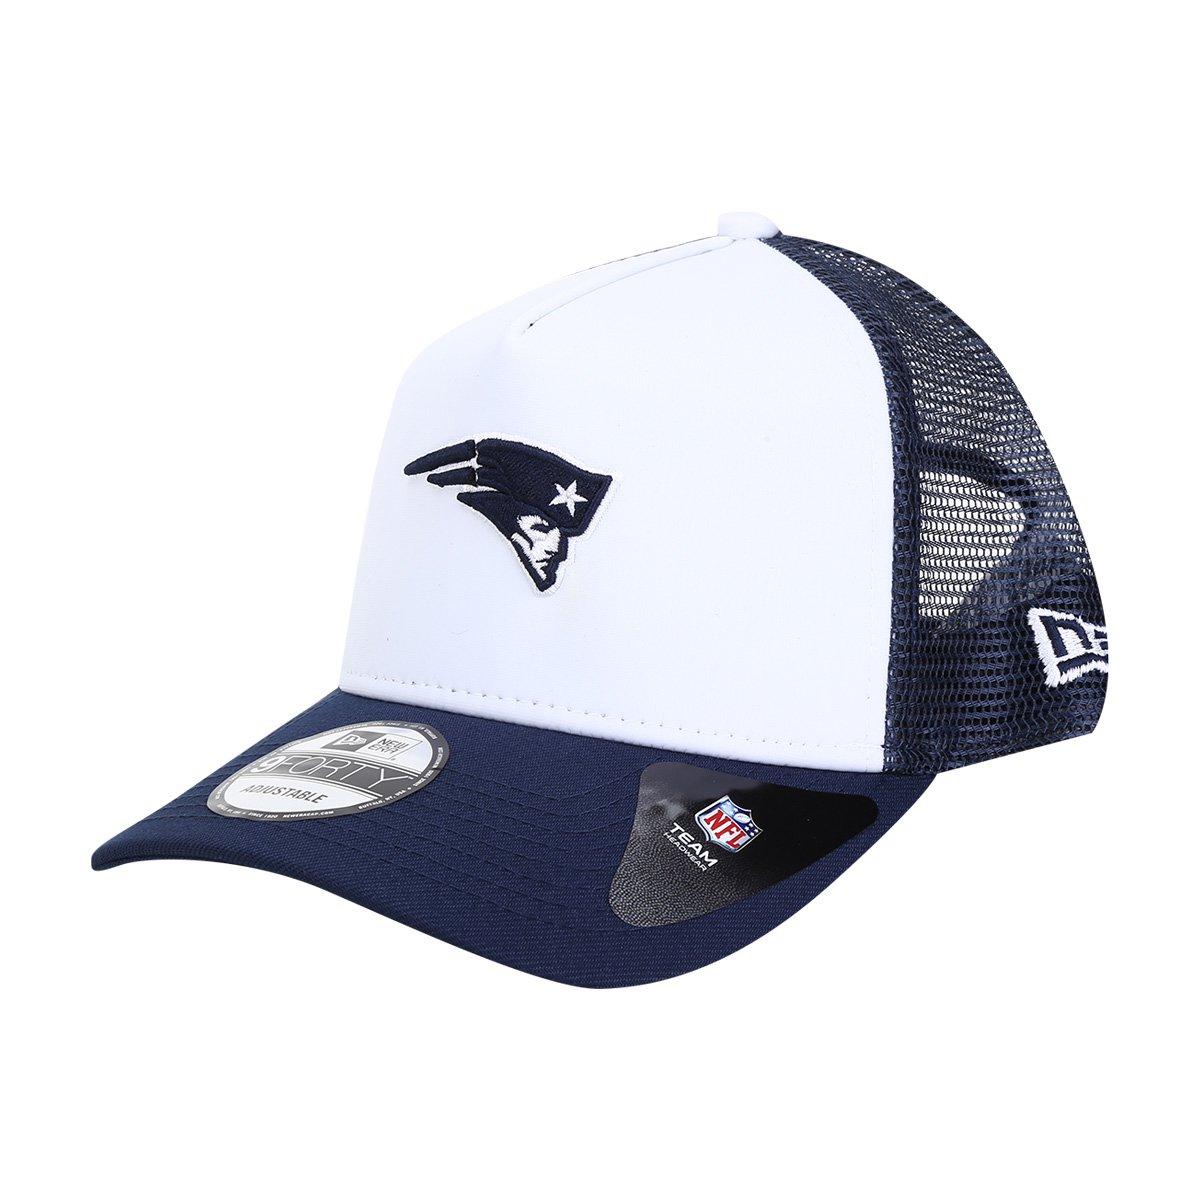 Boné New Era NFL New England Patriots Aba Curva Trucker 940 Af Sn 90's